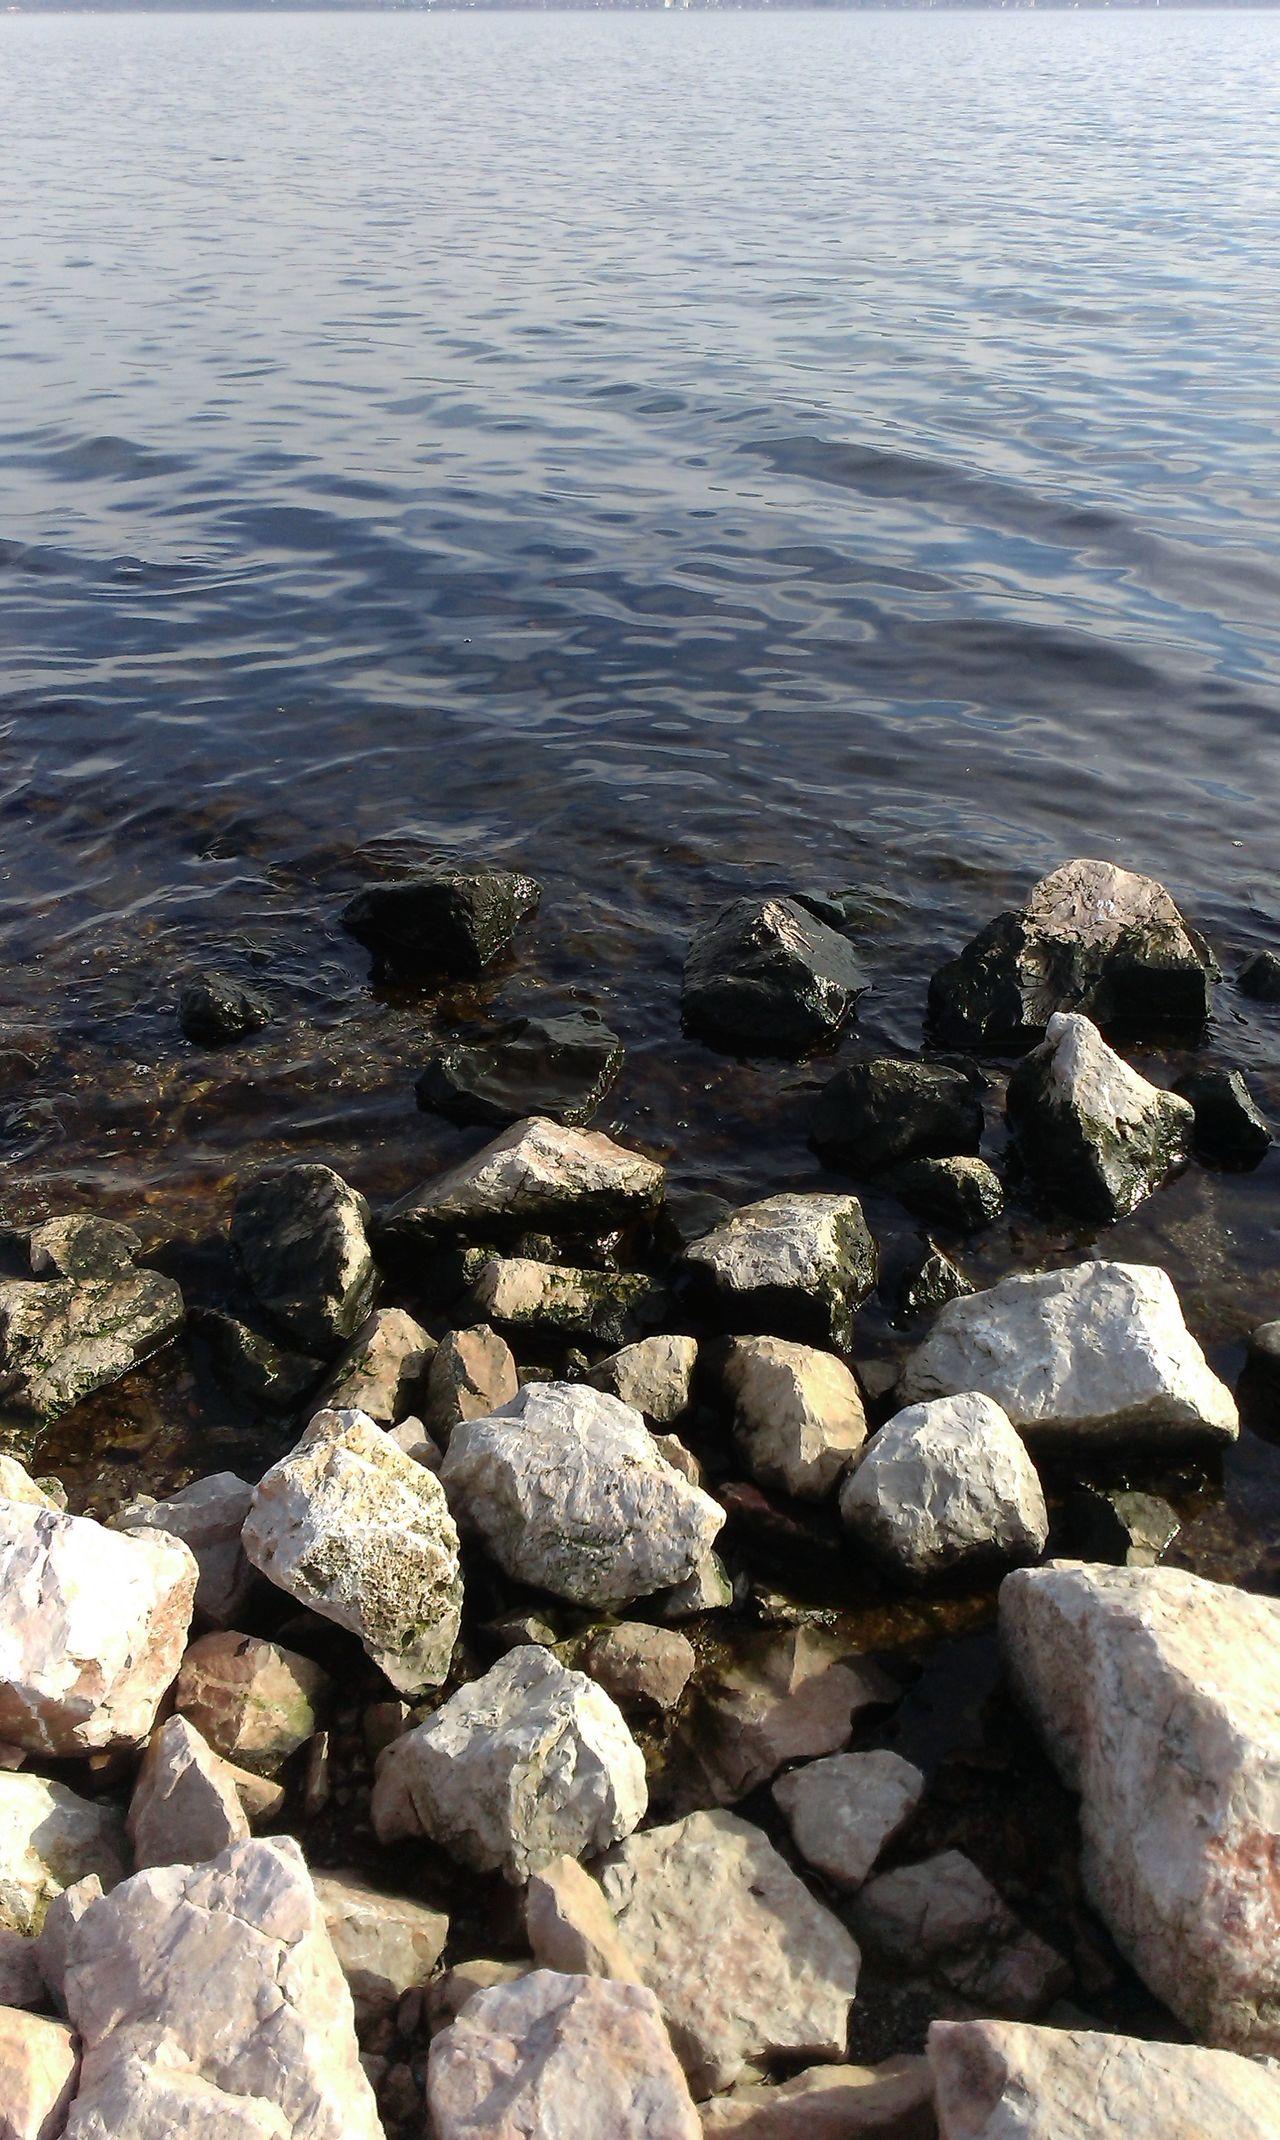 #coaster #sea #seaweedsalad #turkey#kocaeli #varioouscolorsstones